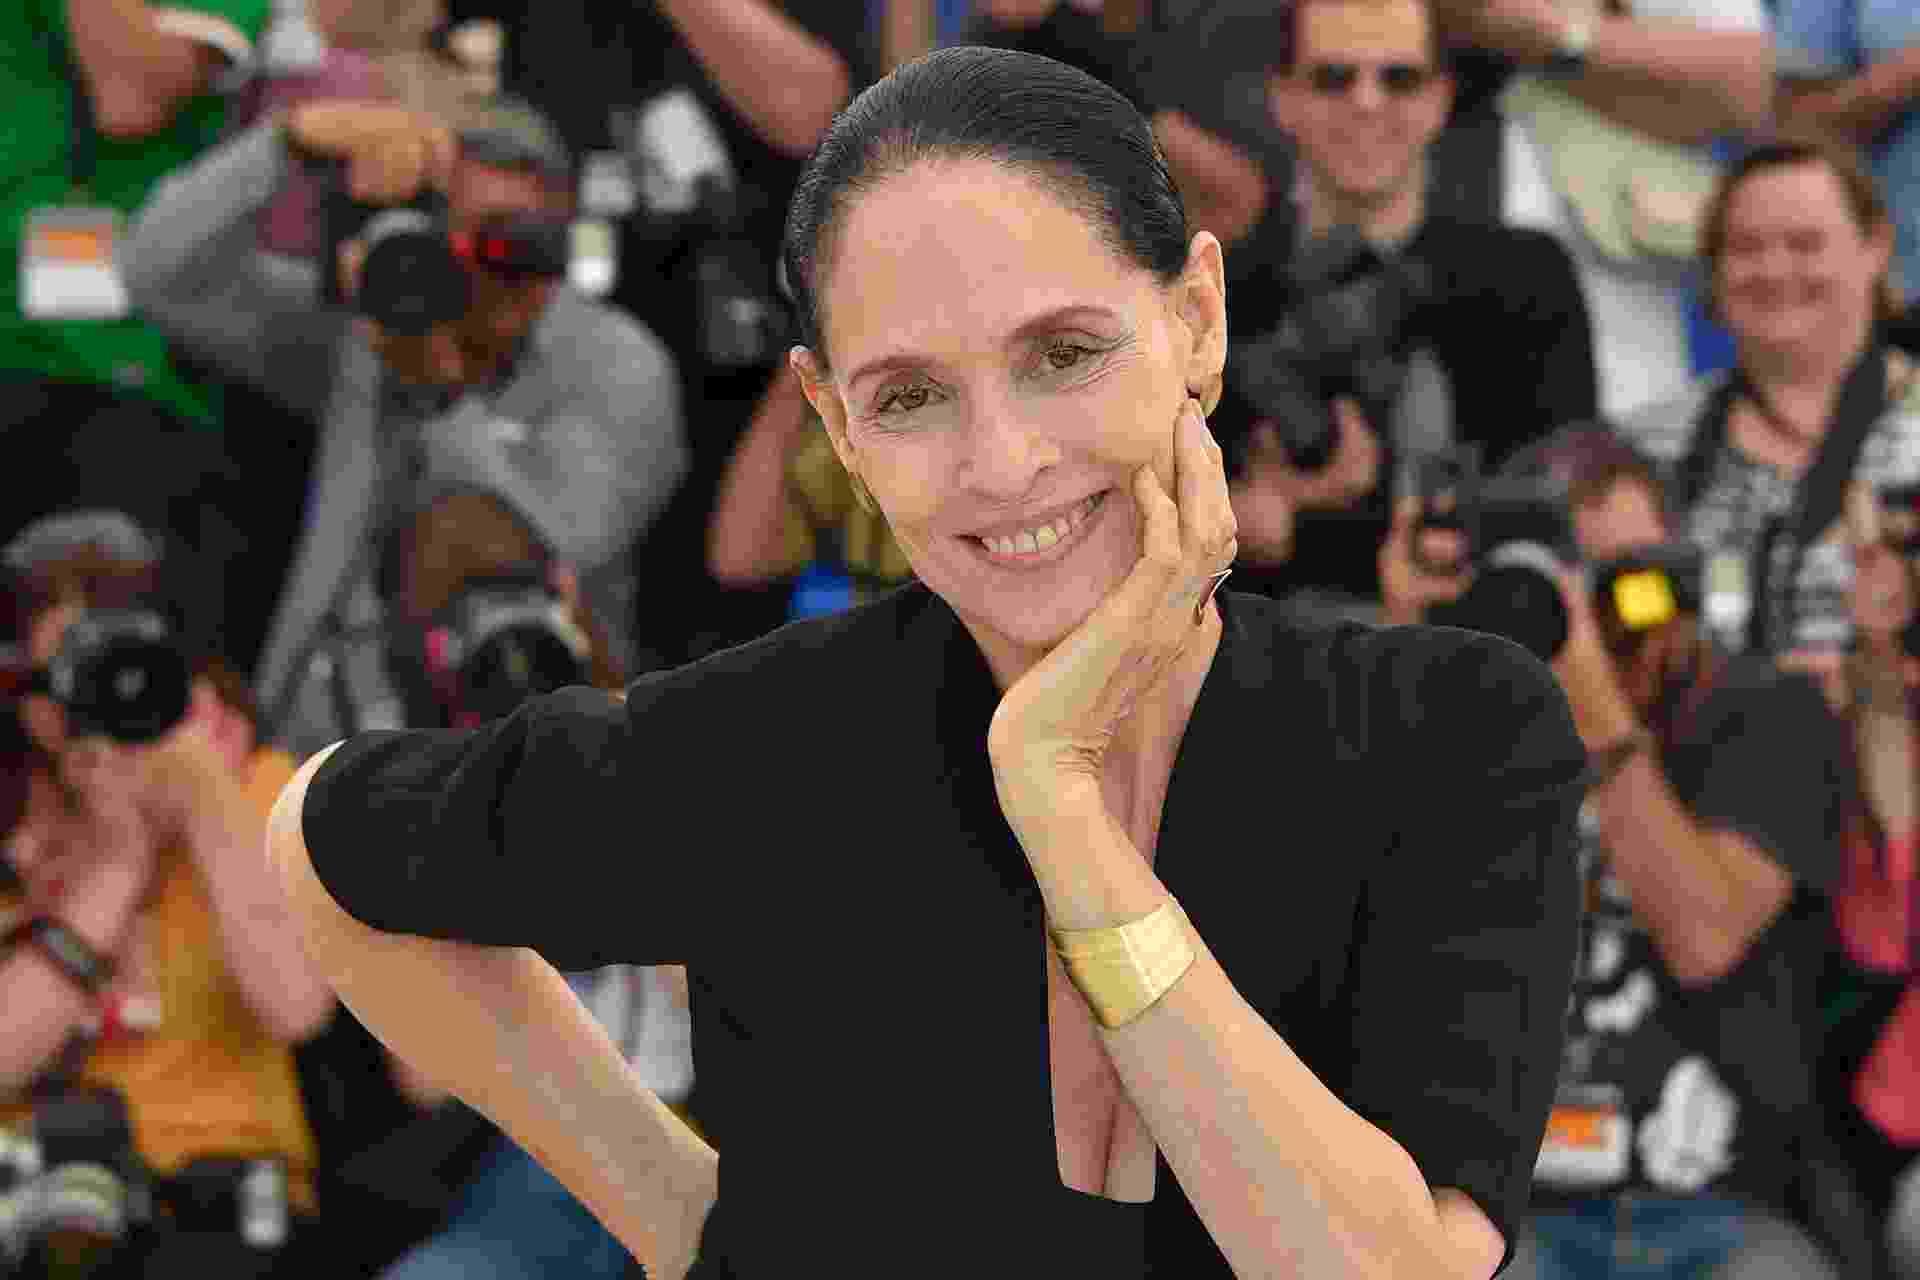 18.mai.2016 - A atriz Sonia Braga volta ao tapete vermelho de Cannes e posa para fotos antes do encontro com jornalistas - AFP PHOTO / LOIC VENANCE